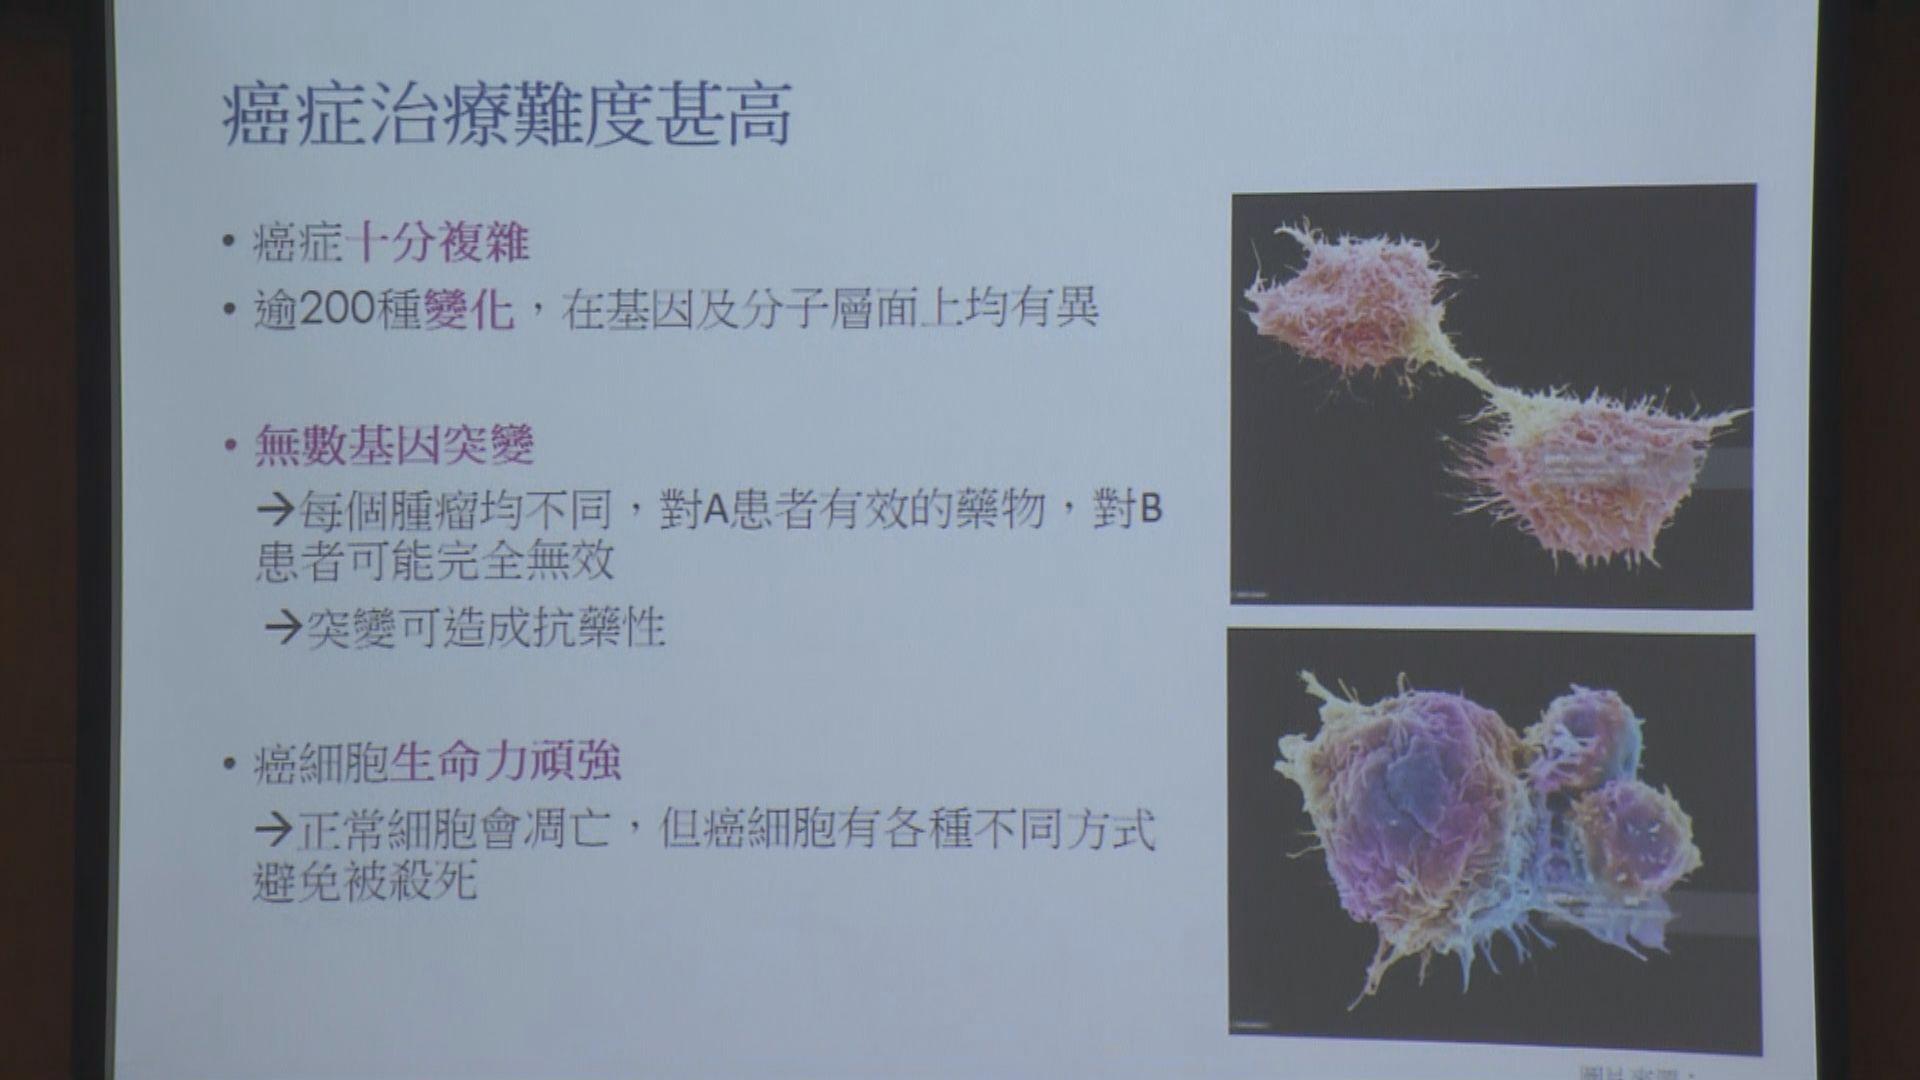 防癌會:免疫治療誤解多 癌症患者錯過治療黃金期